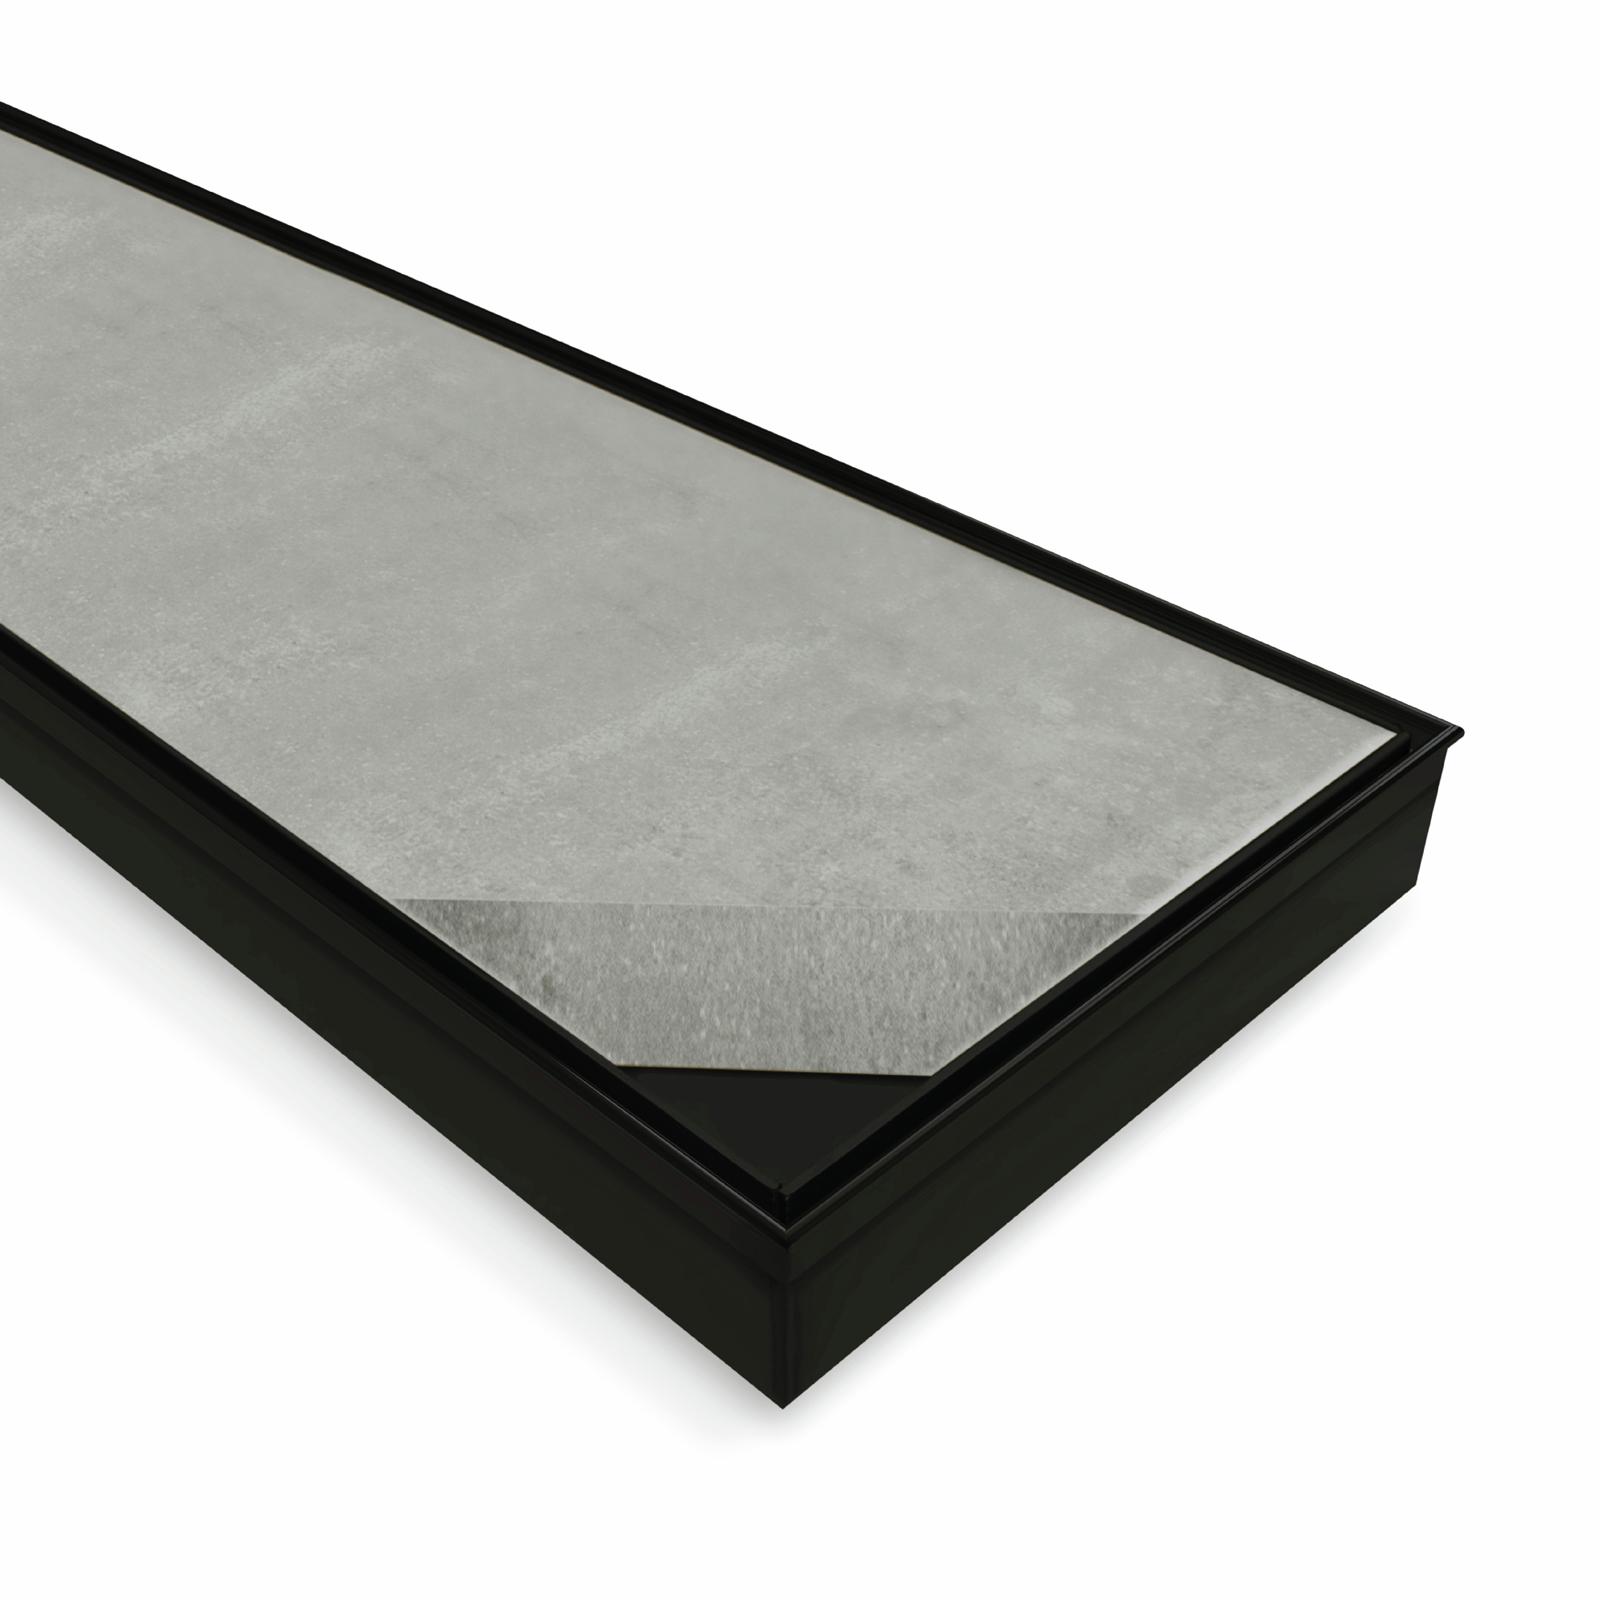 Black Satin Stainless Steel – Tile Insert 1200×100 Floor Waste